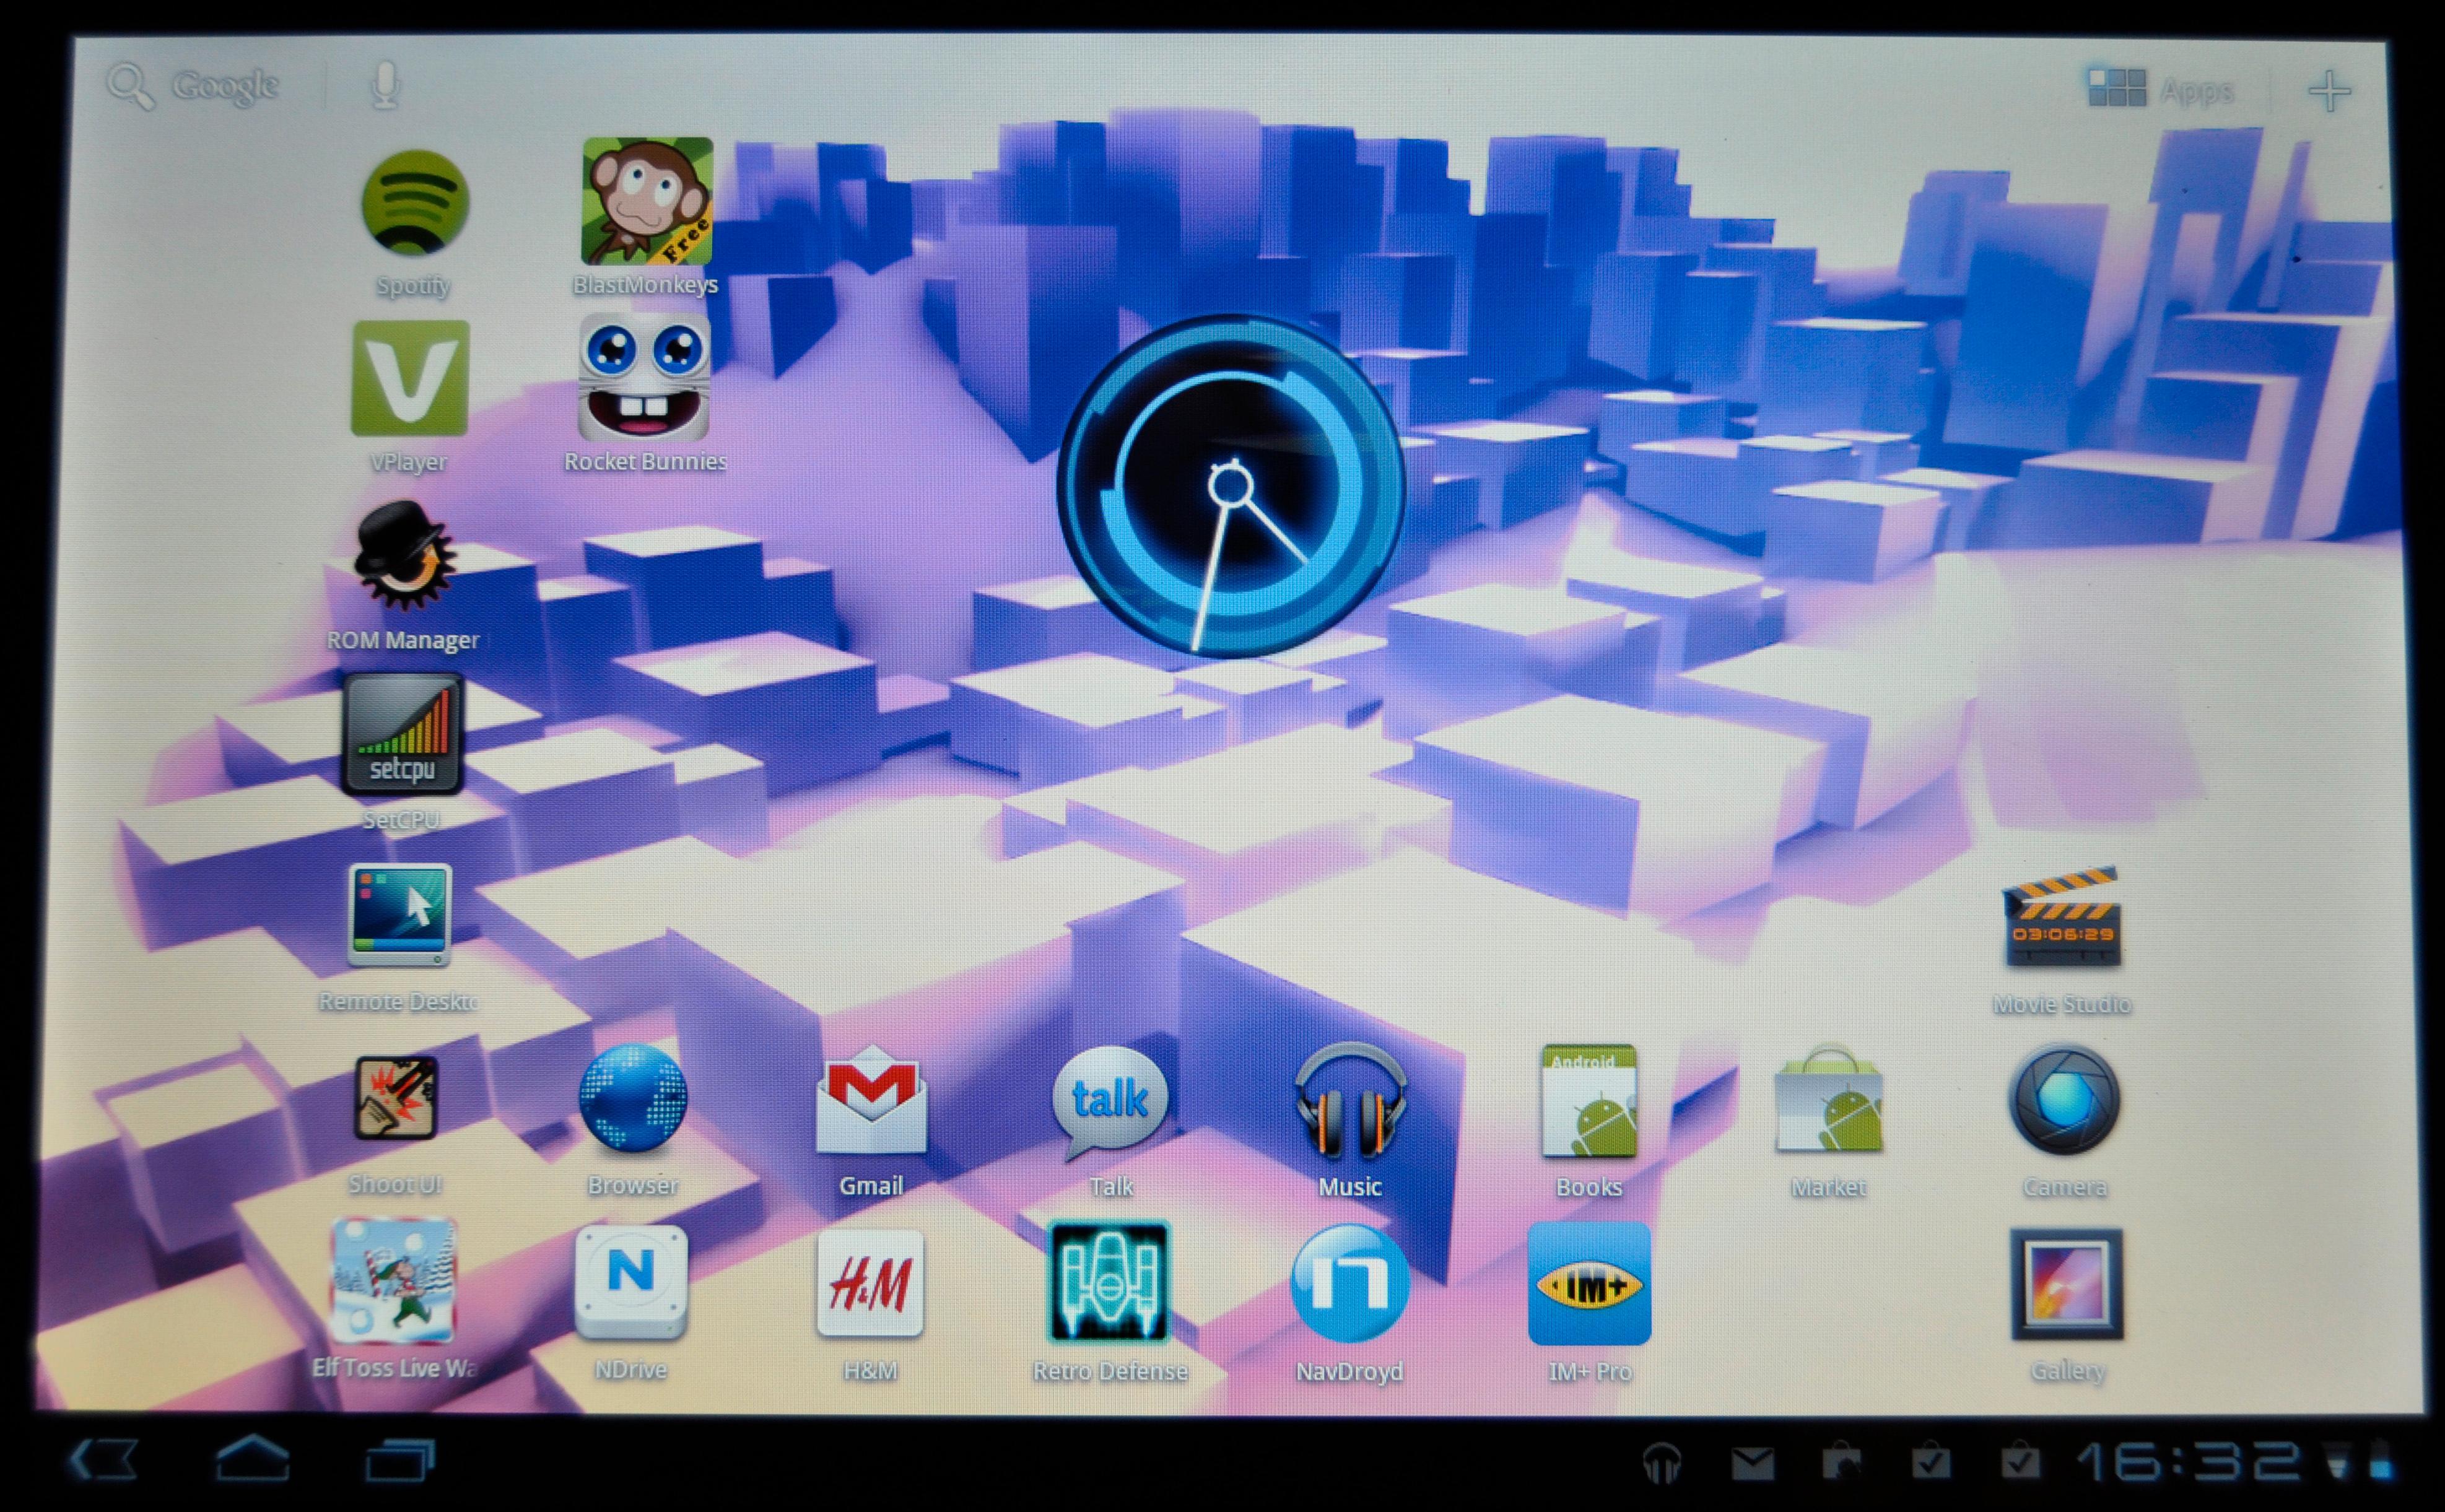 Hjemmeskjermene har fått en ny utforming i Android 3.0.